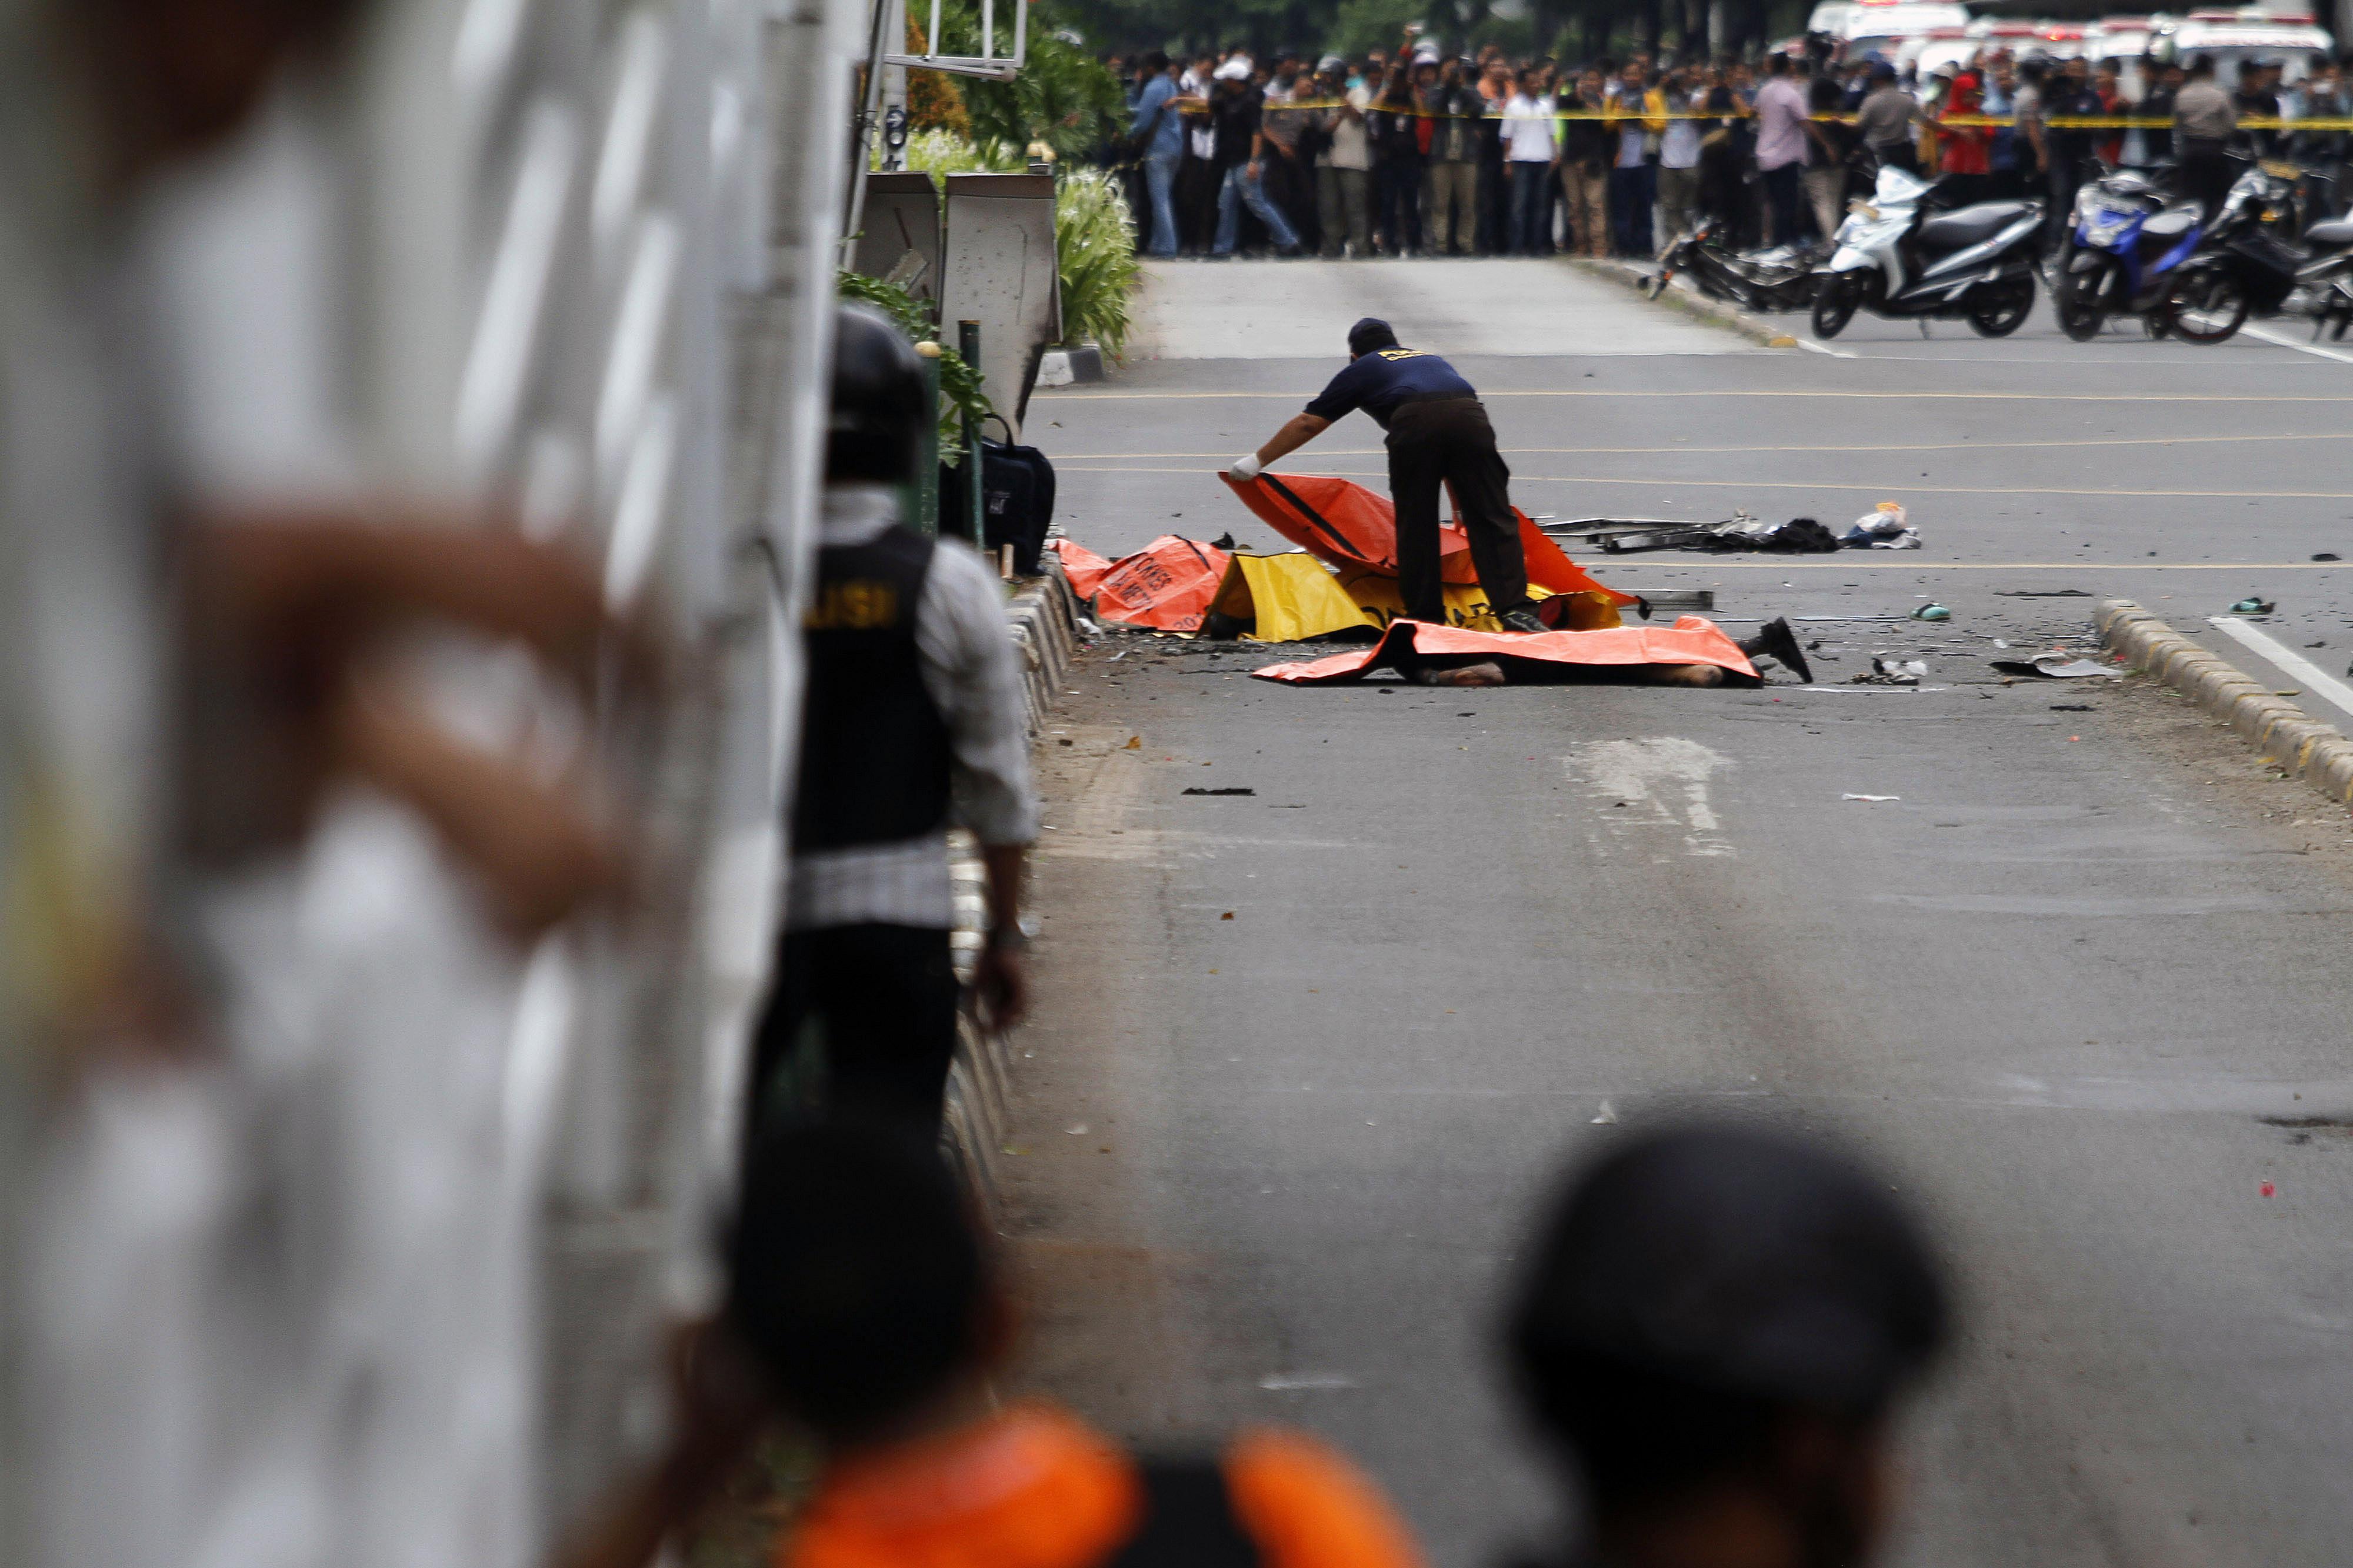 TEWAS. Polisi forensik sedang menutup jenazah korban yang tewas dalam serangan bom Sarinah, Jakarta, pada Kamis, 14 Januari lalu. Foto oleh Roni Bintang/EPA